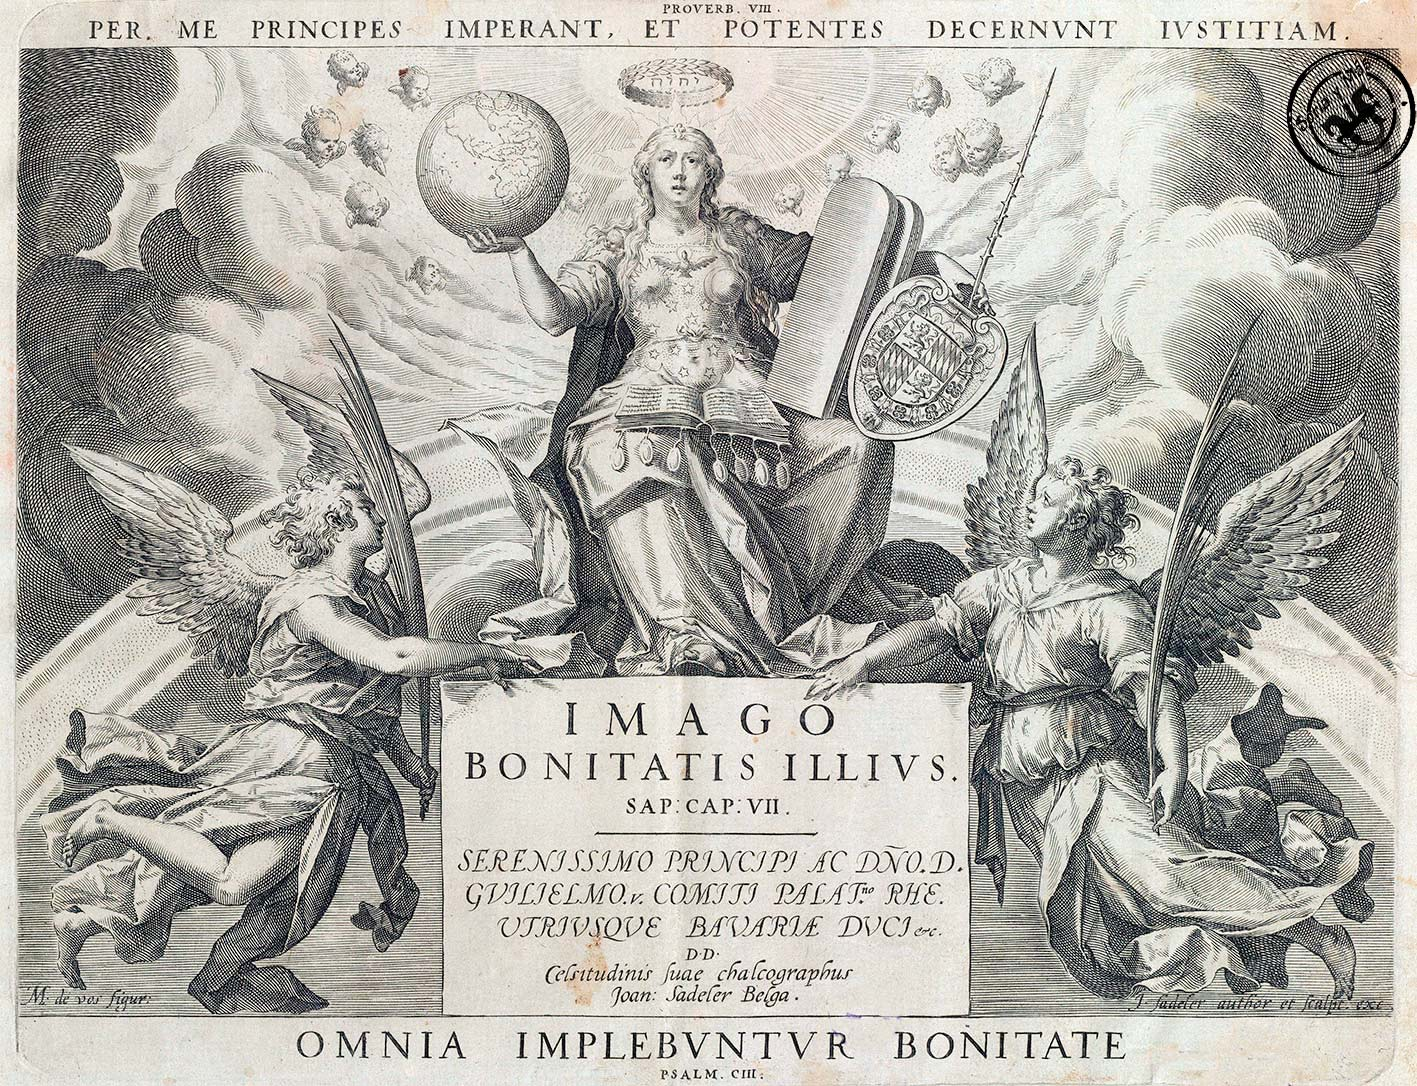 Sofía-en-Imago-Bonitatis-Illius- segun Martin de Vos